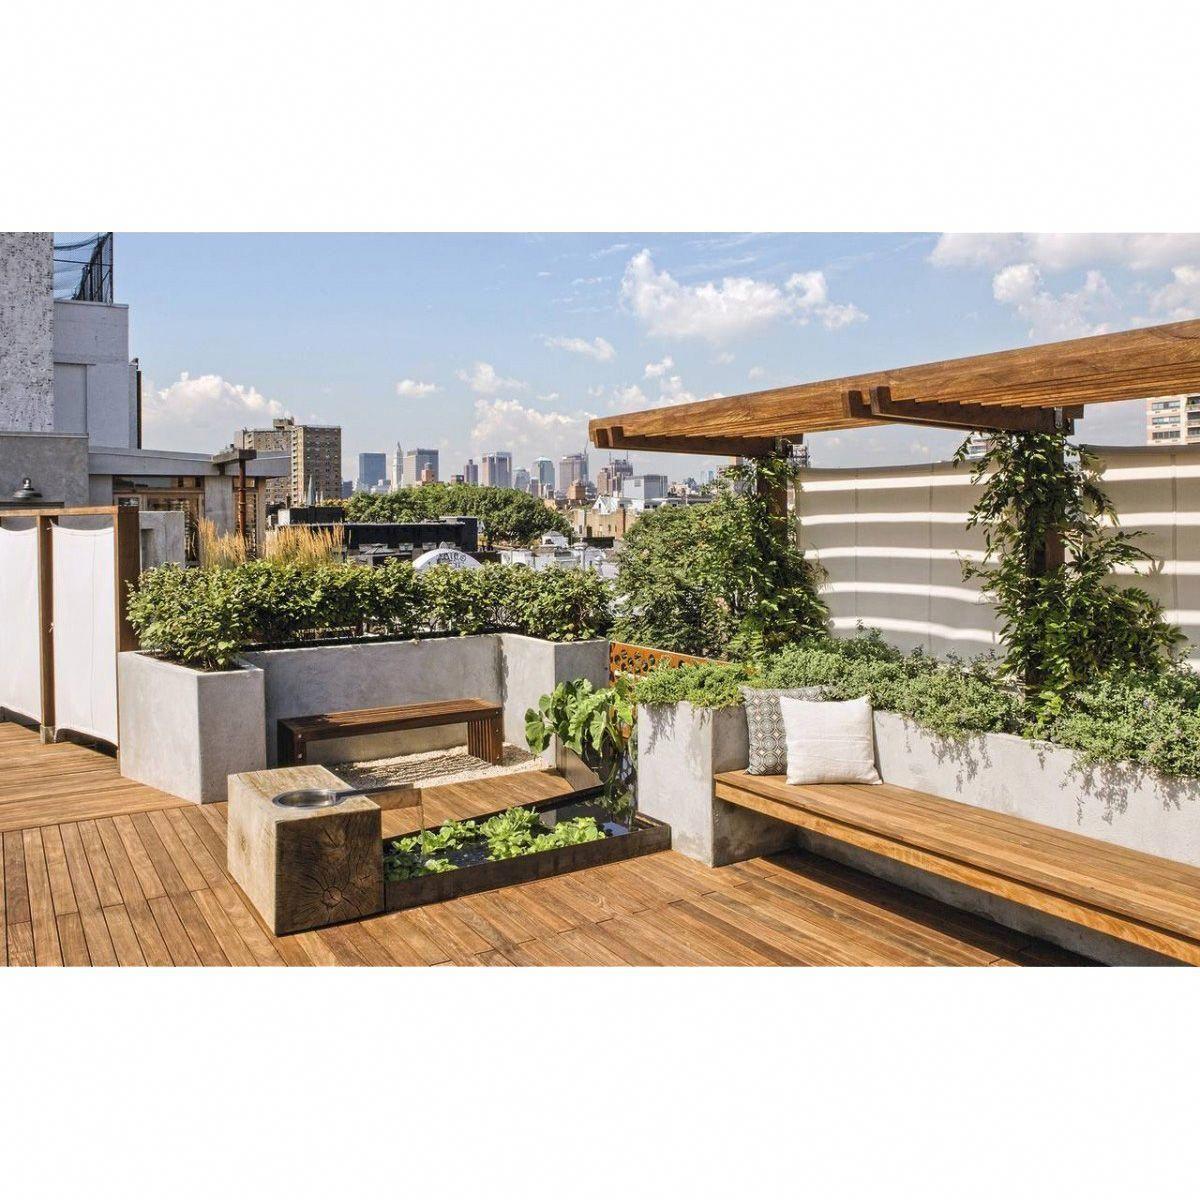 Picnic Time Miami Dolphins Casserole Tote Rooftop Garden Urban Backyard Landscaping Garden Design